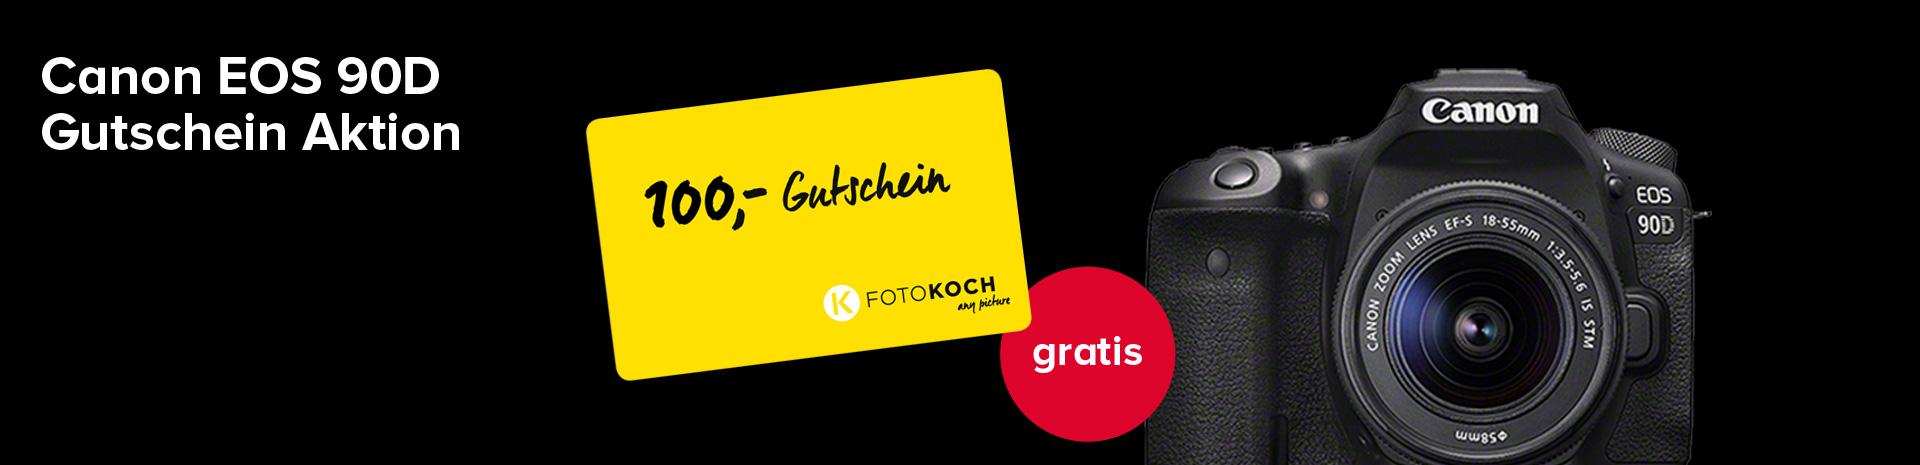 Canon 90D Gutschein Aktion